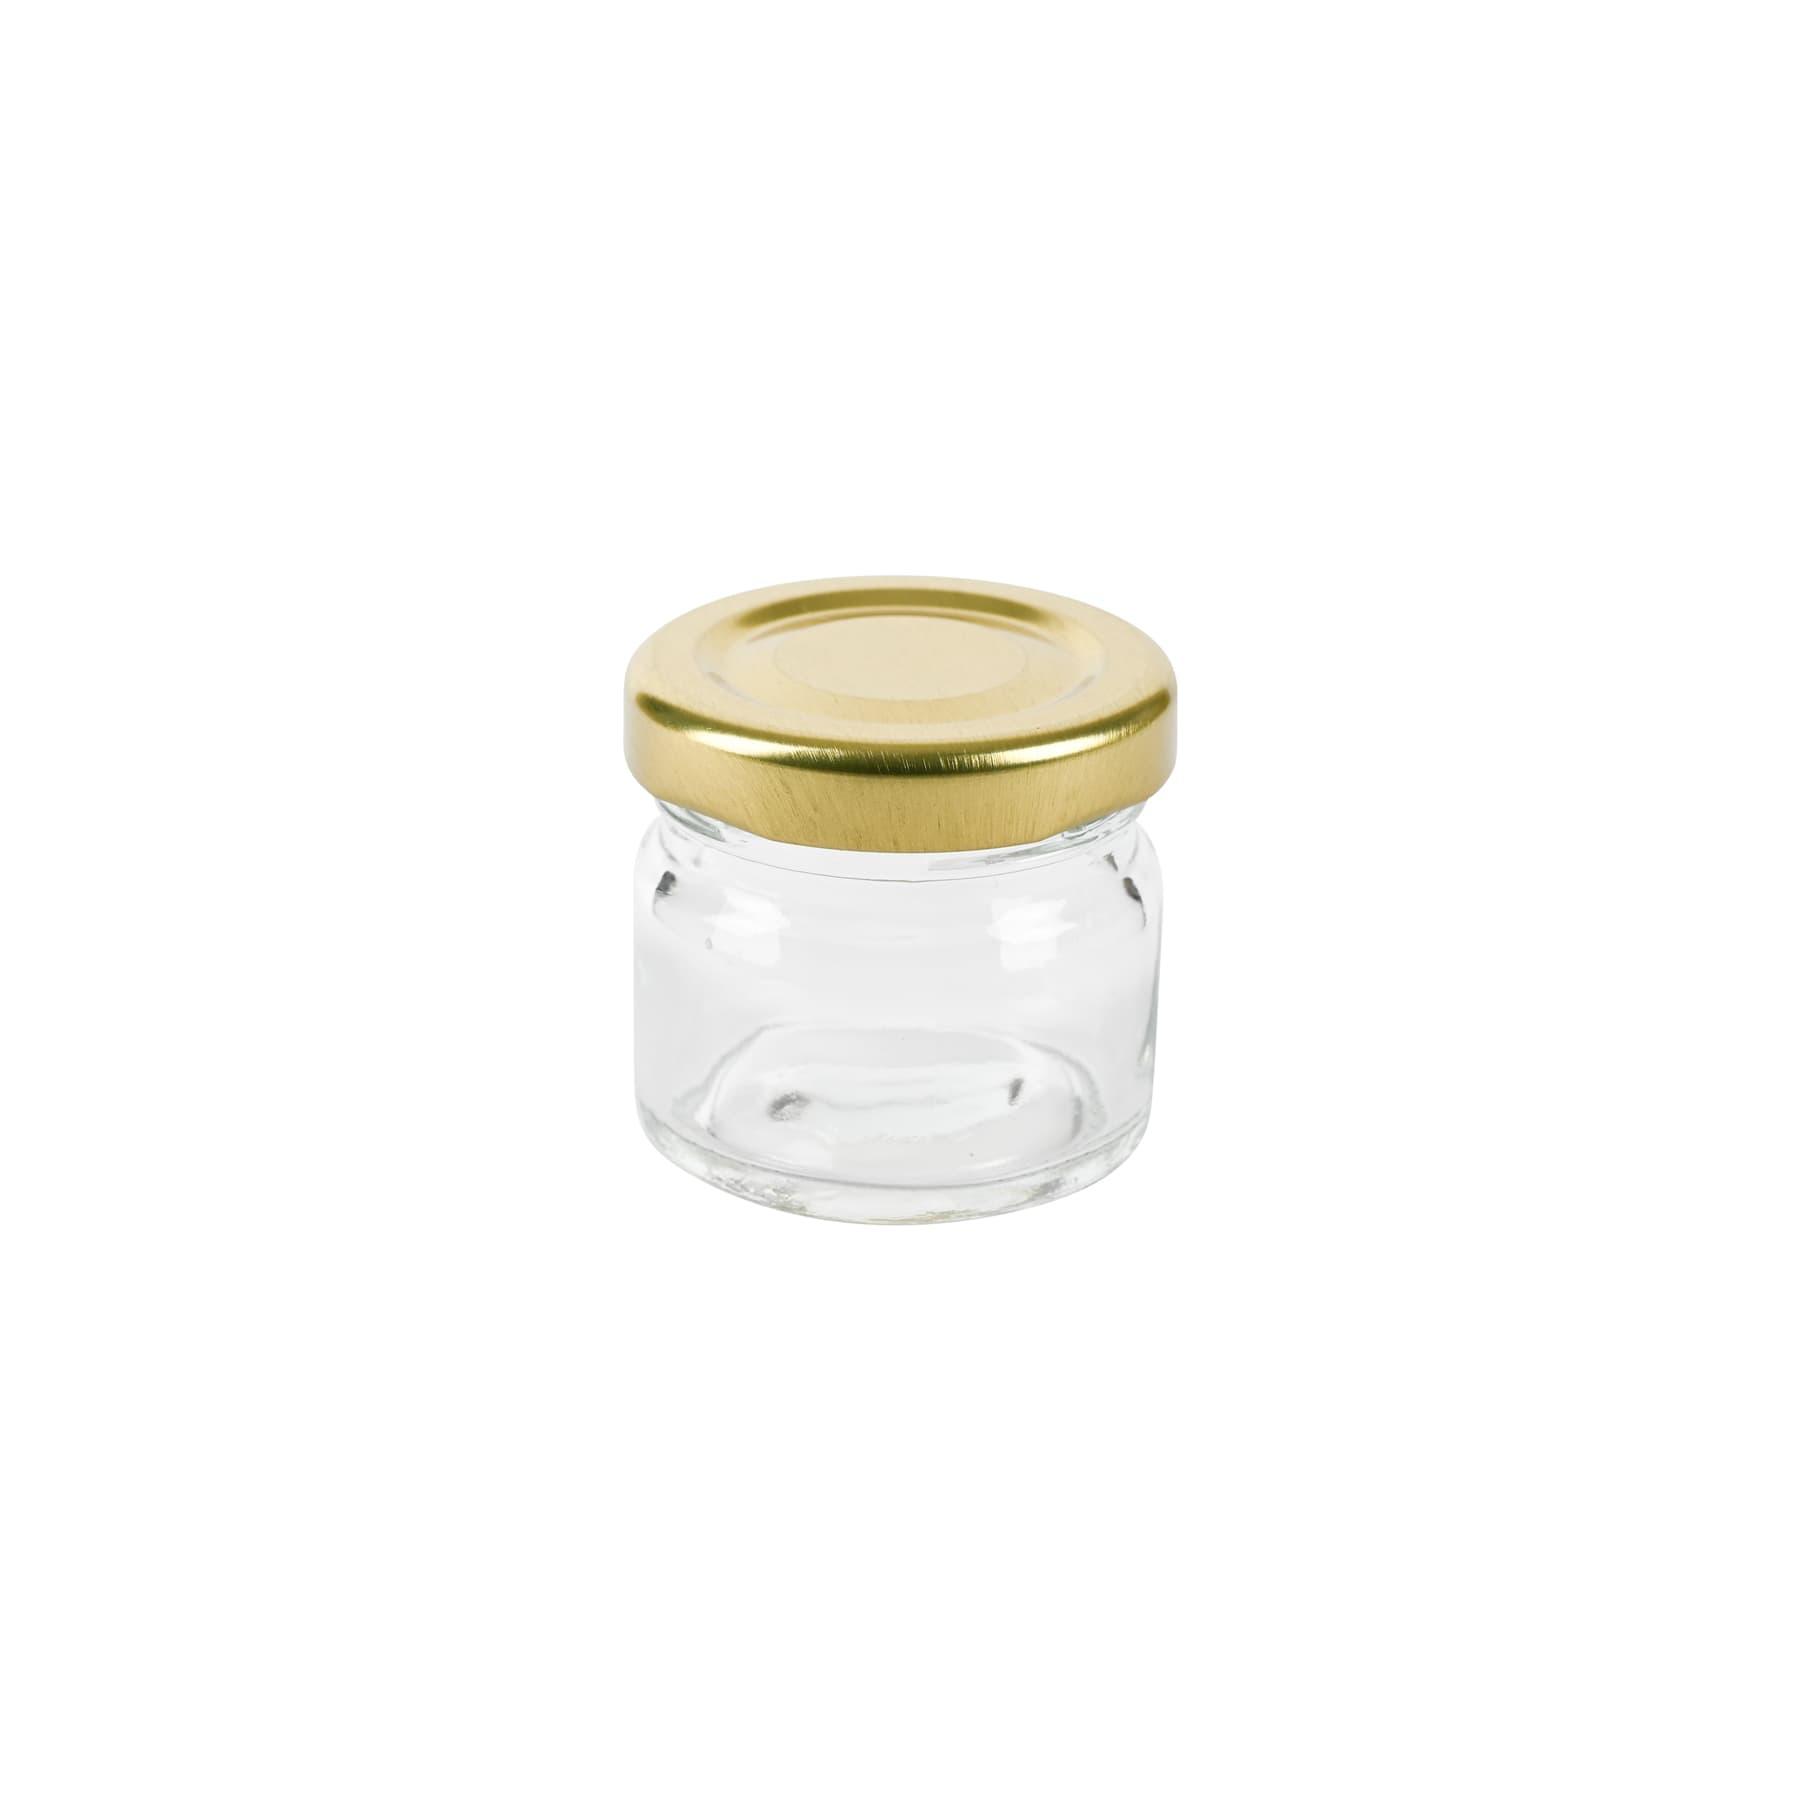 Rundglas (Glaskruke) 30 ml mit TO Metalldeckel 43 mm